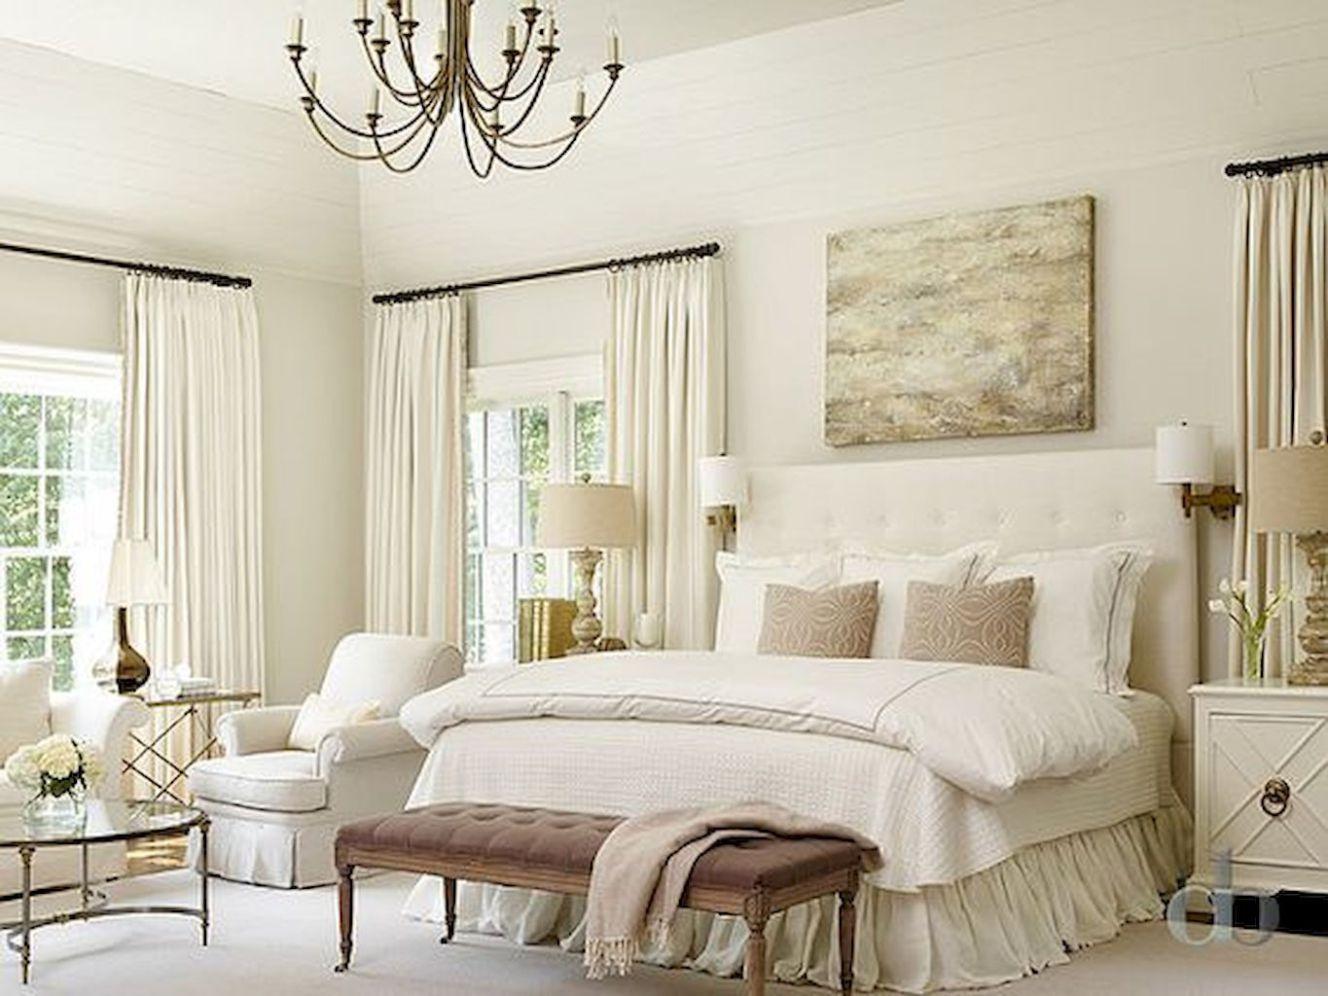 Master bedroom bedroom decor ideas  Small Master Bedroom Decorating Ideas   Small master bedroom